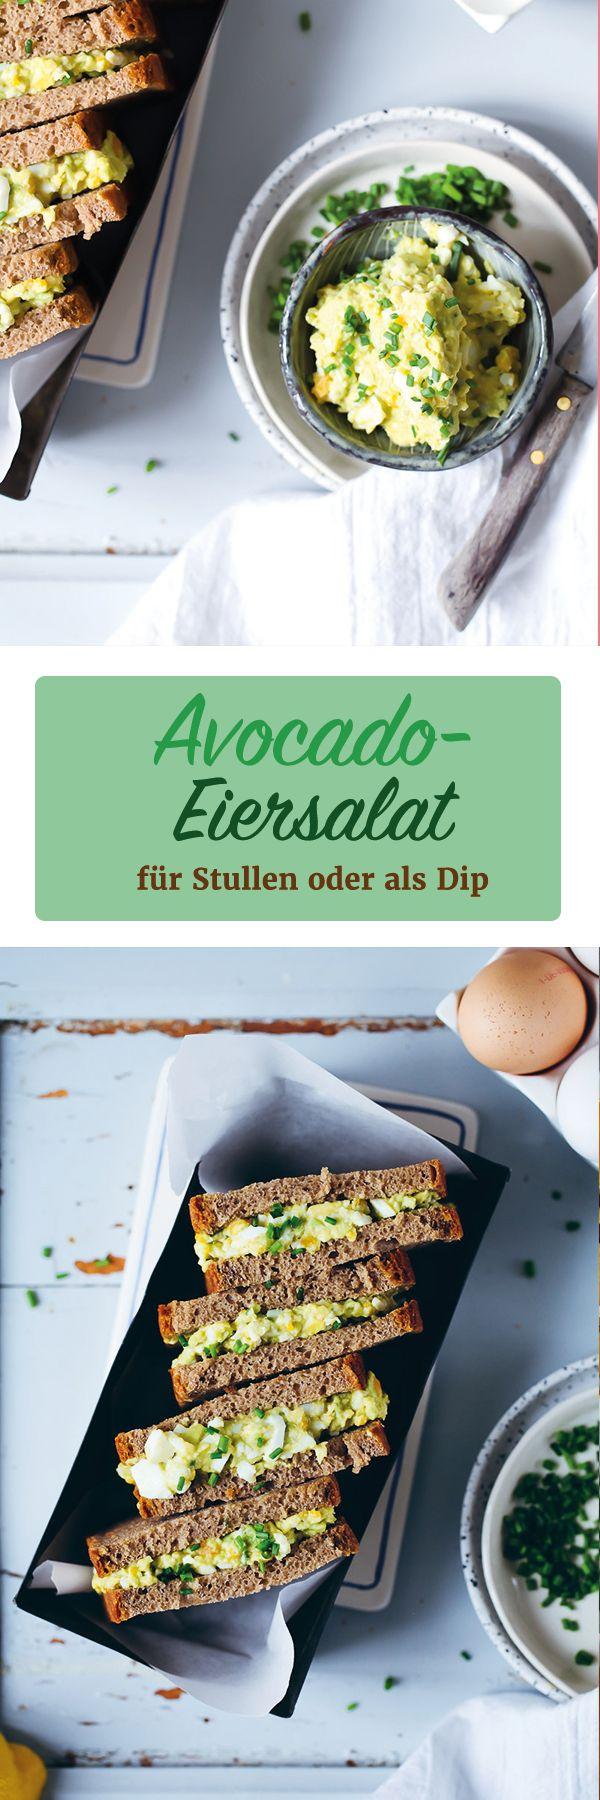 Rezept für Avocado-Eiersalat fürs Brot oder als Dip / avocado egg salad recipe / Stulle der Woche / www.zuckerzimtundliebe.de